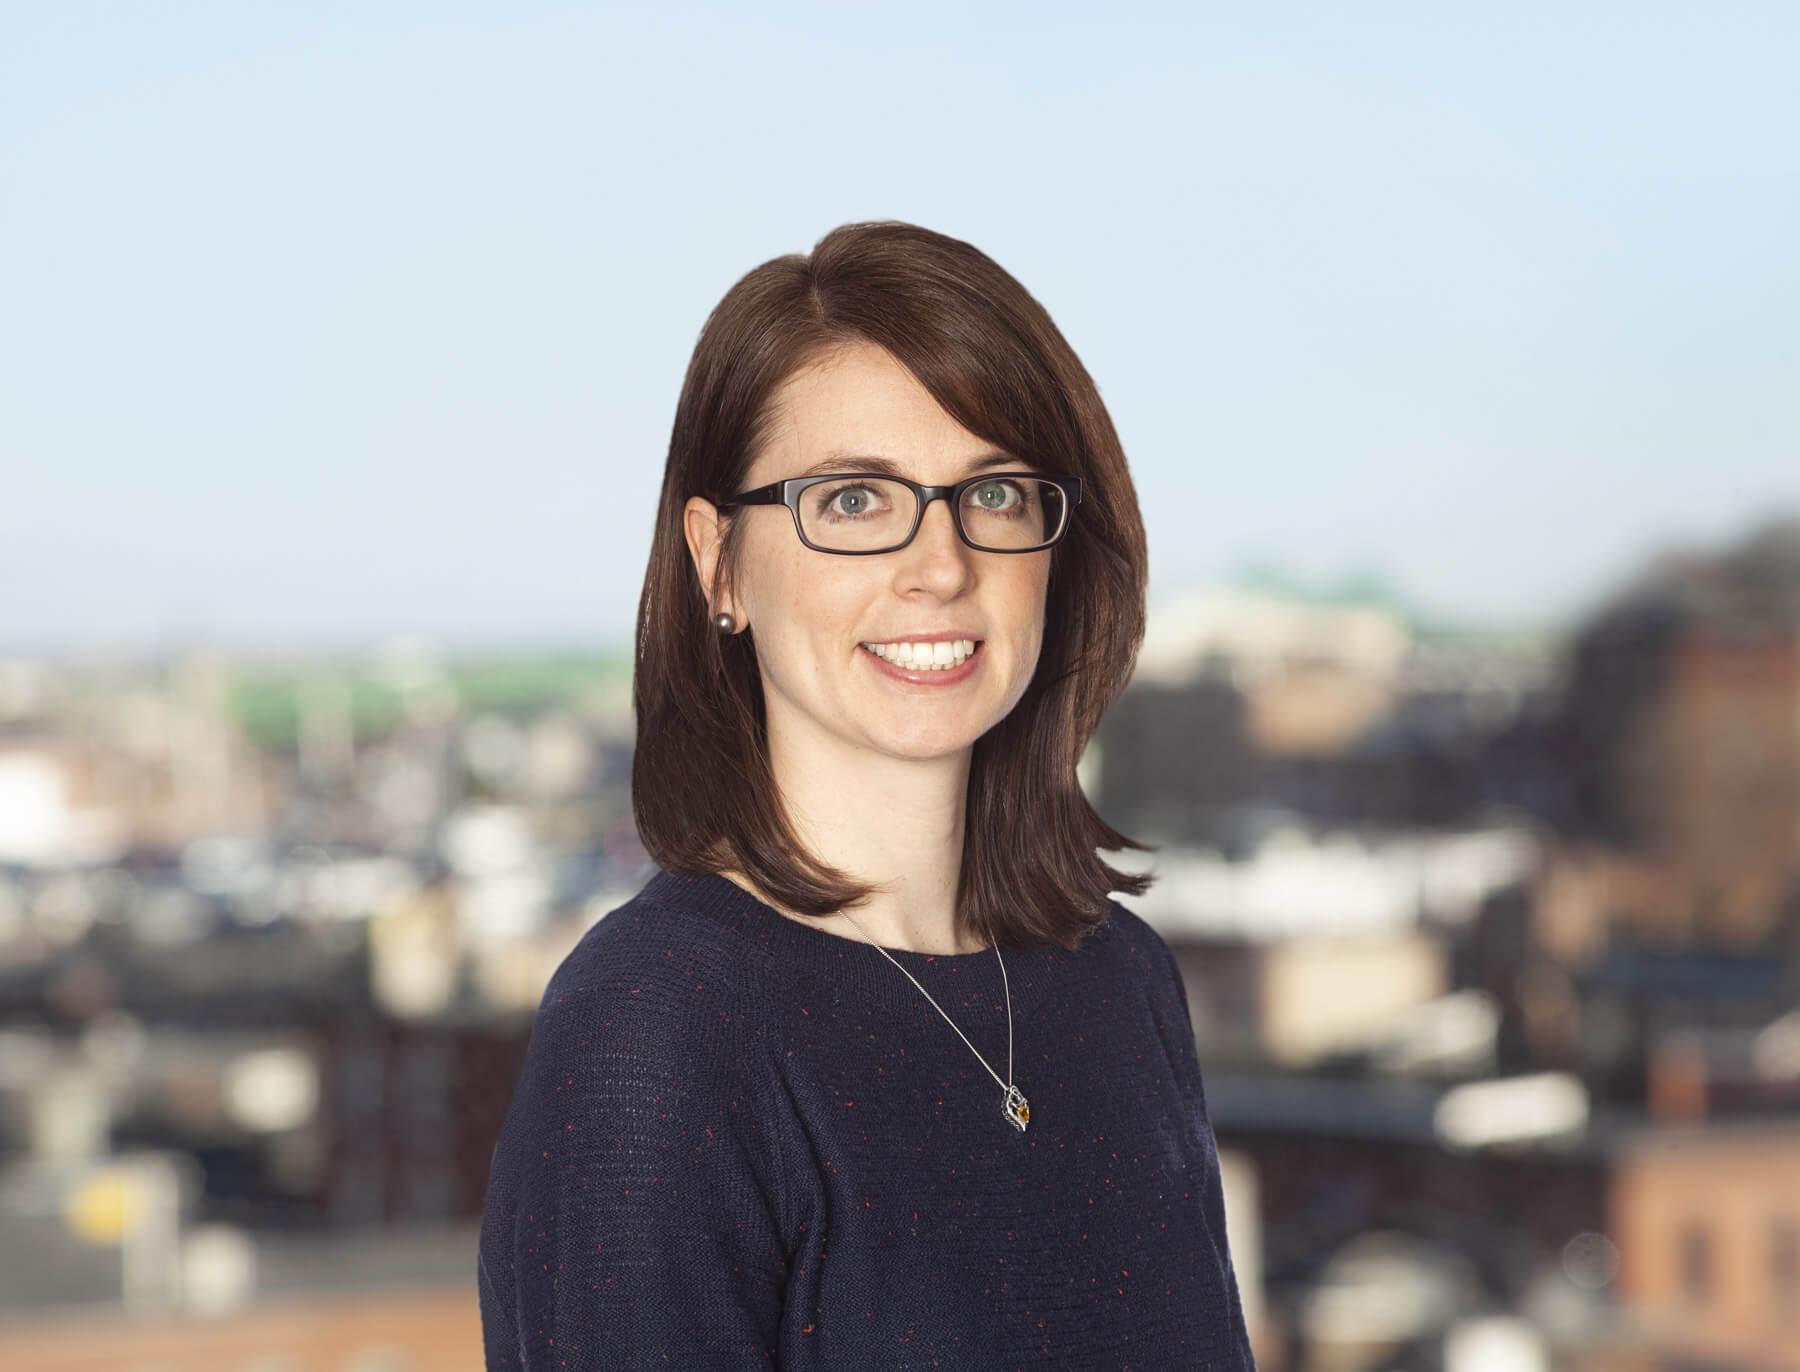 Erin K. Flaherty